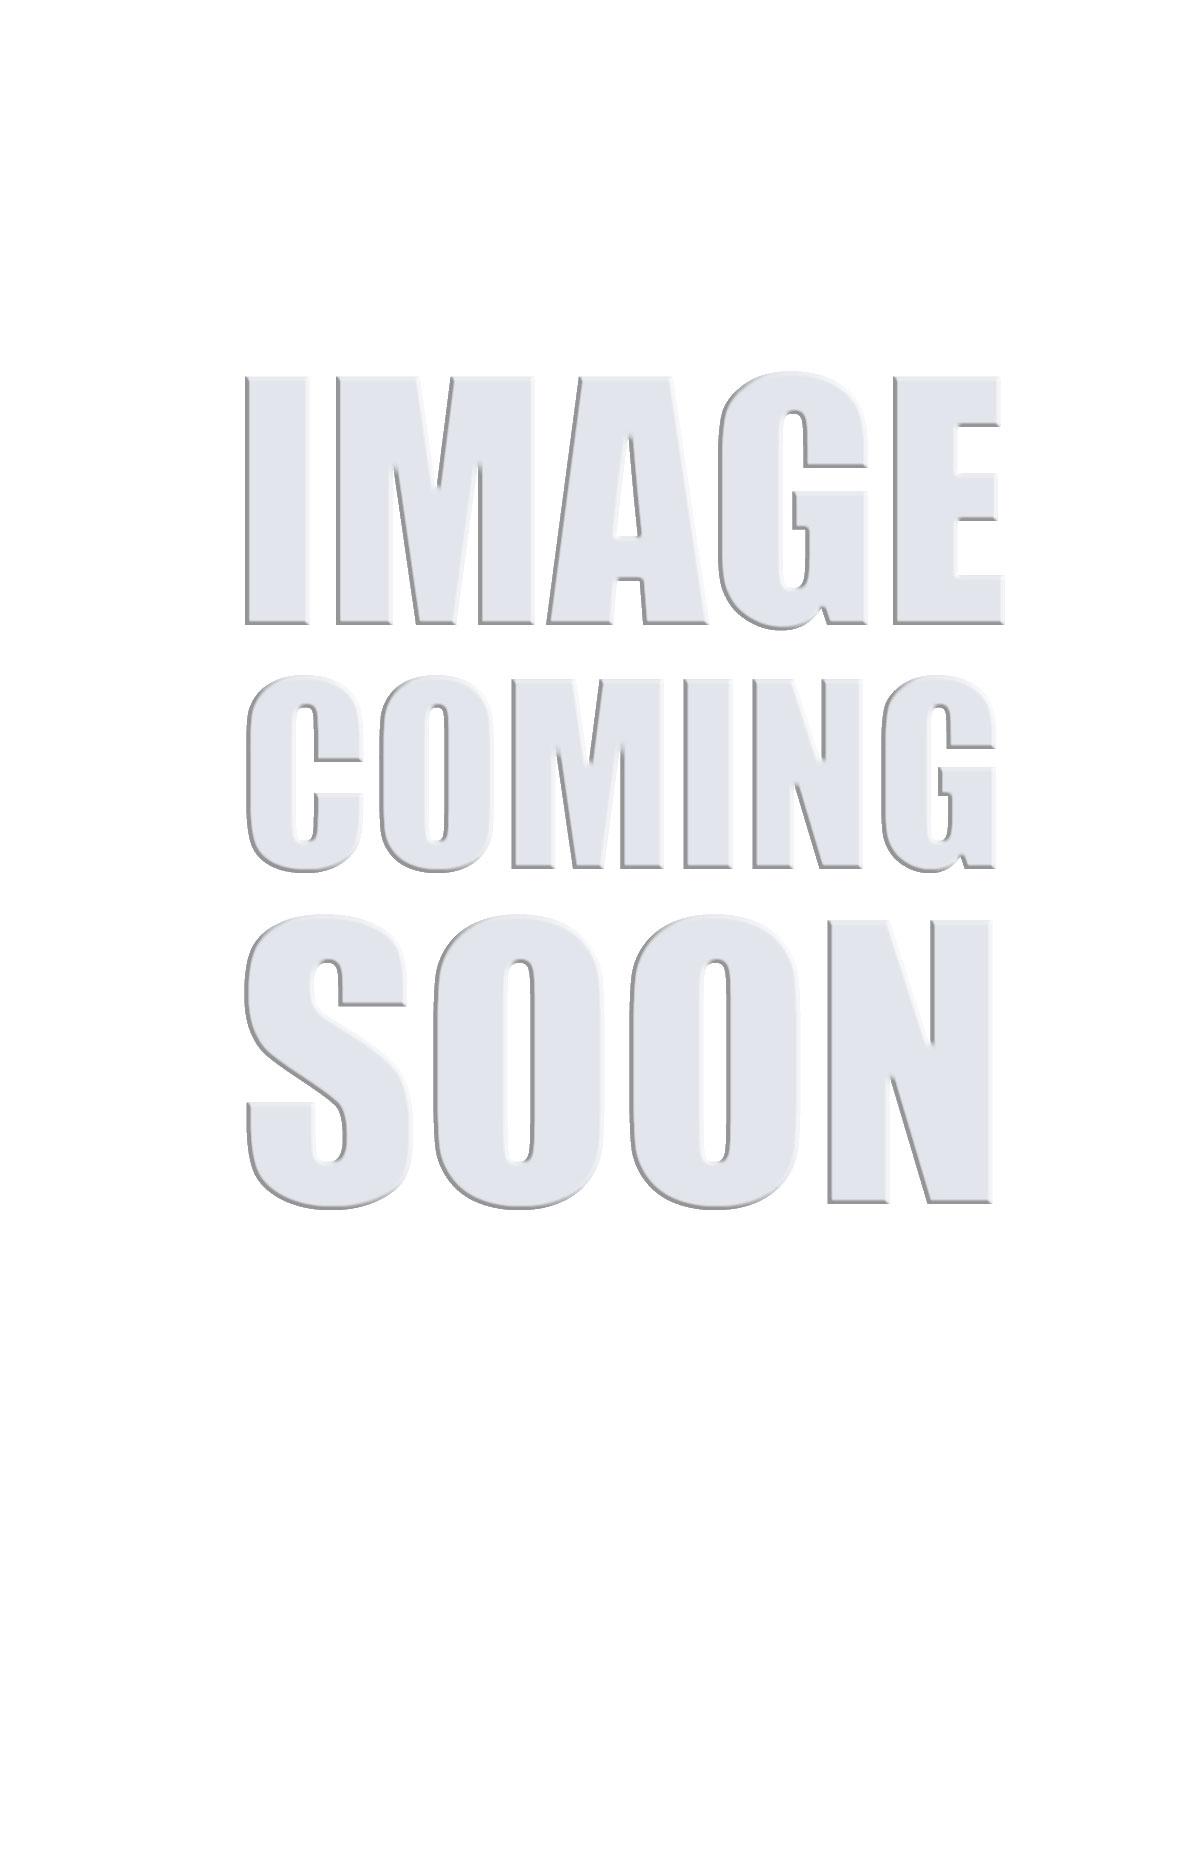 Peripheral Discharge Vacuum Motor - Lamb #116212-00, BPP, B/B, E, PB, 2 STG